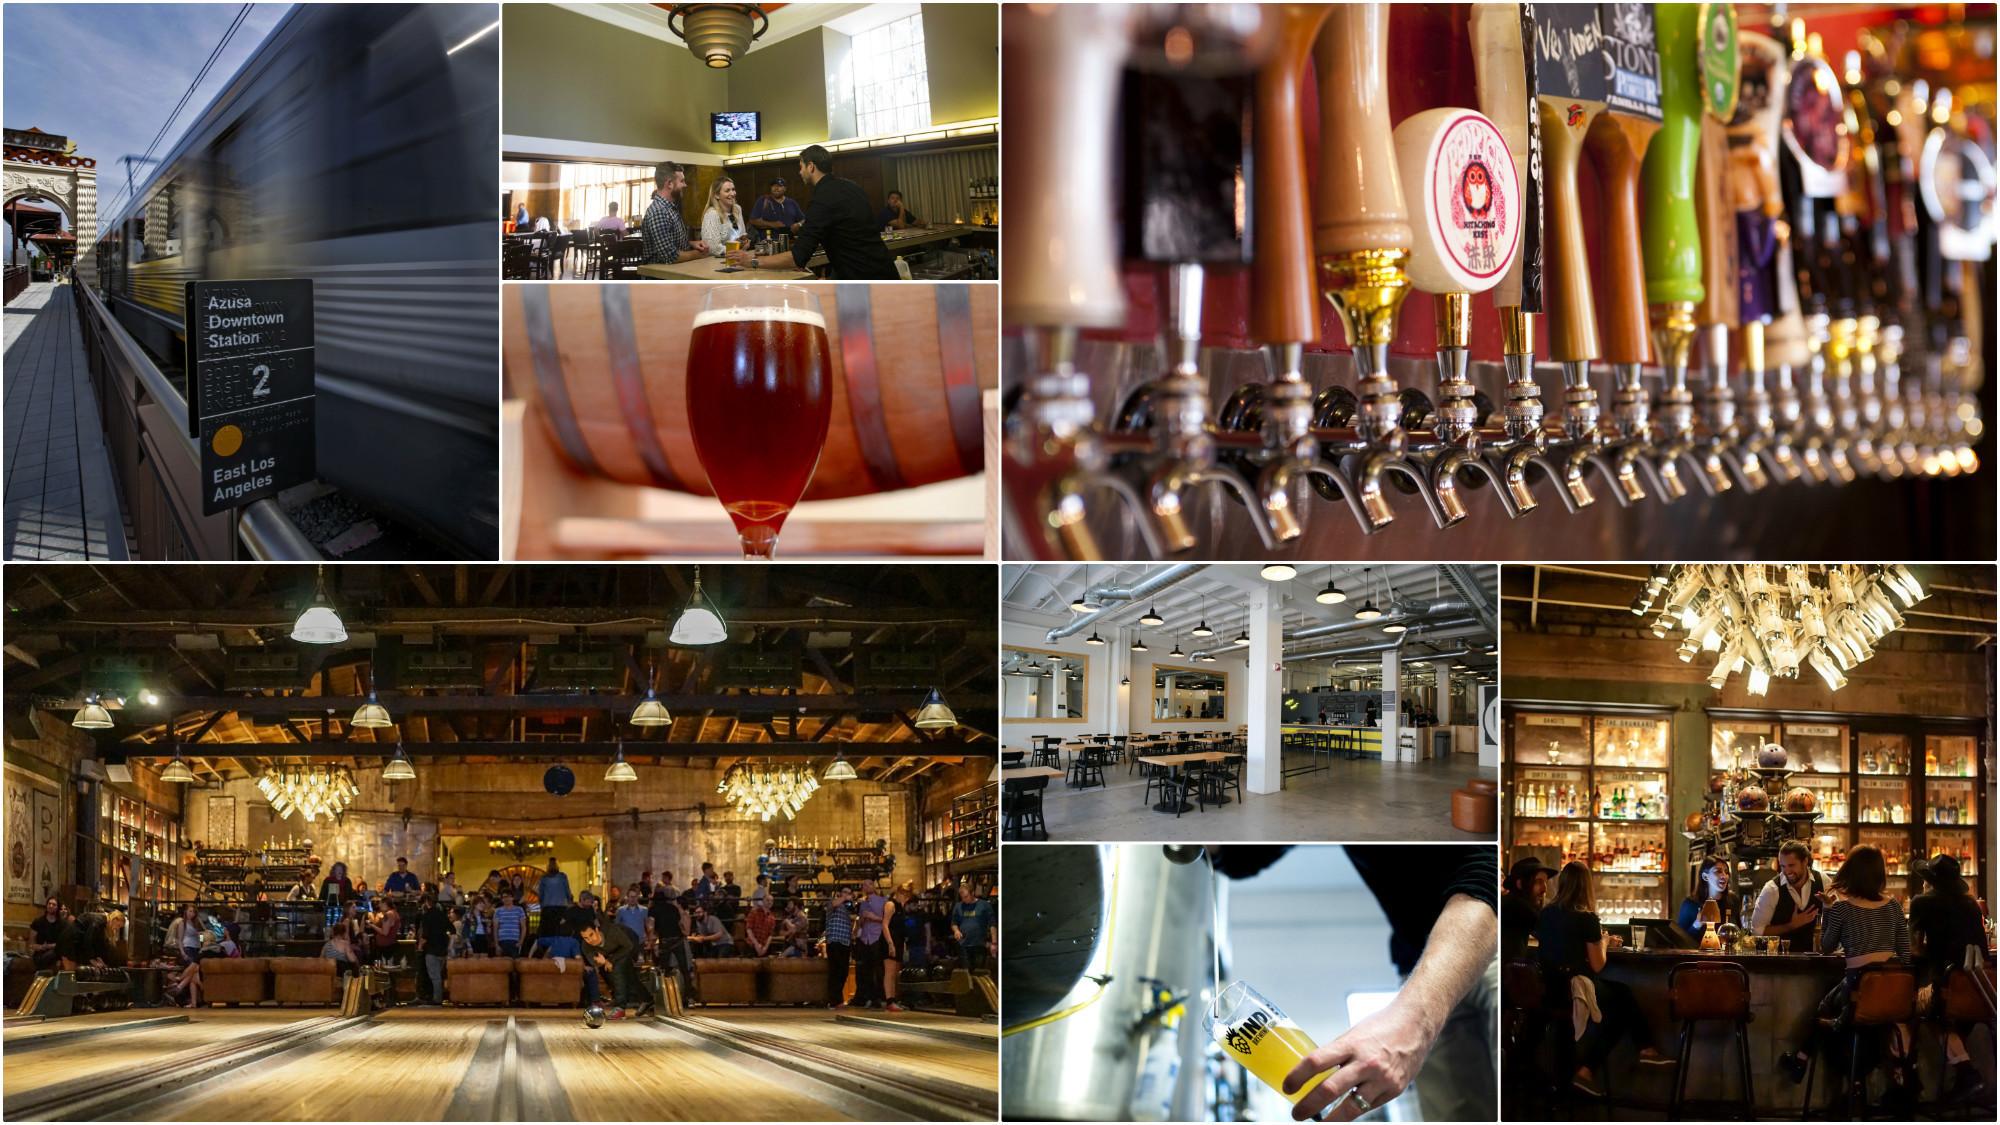 San Gabriel Restaurants With Craft Beer